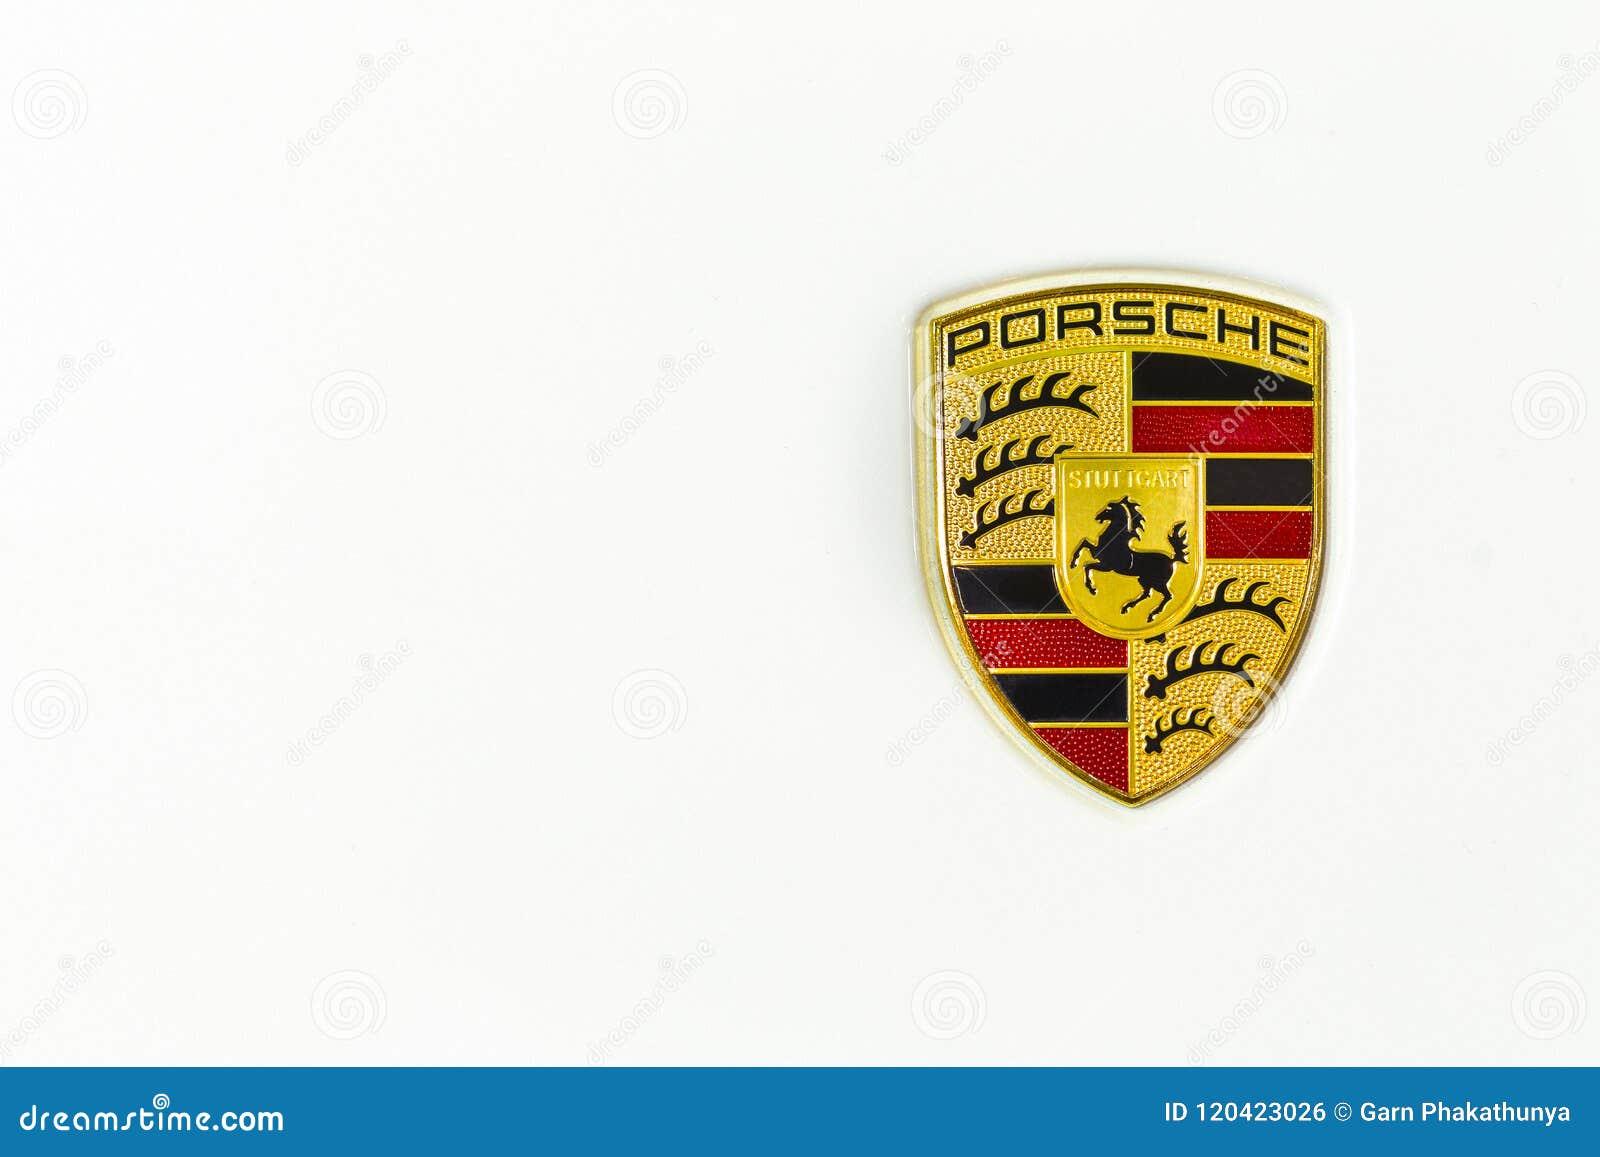 Chonburi Thailand August 26 2017 Porsche Car Logo Ferdinand